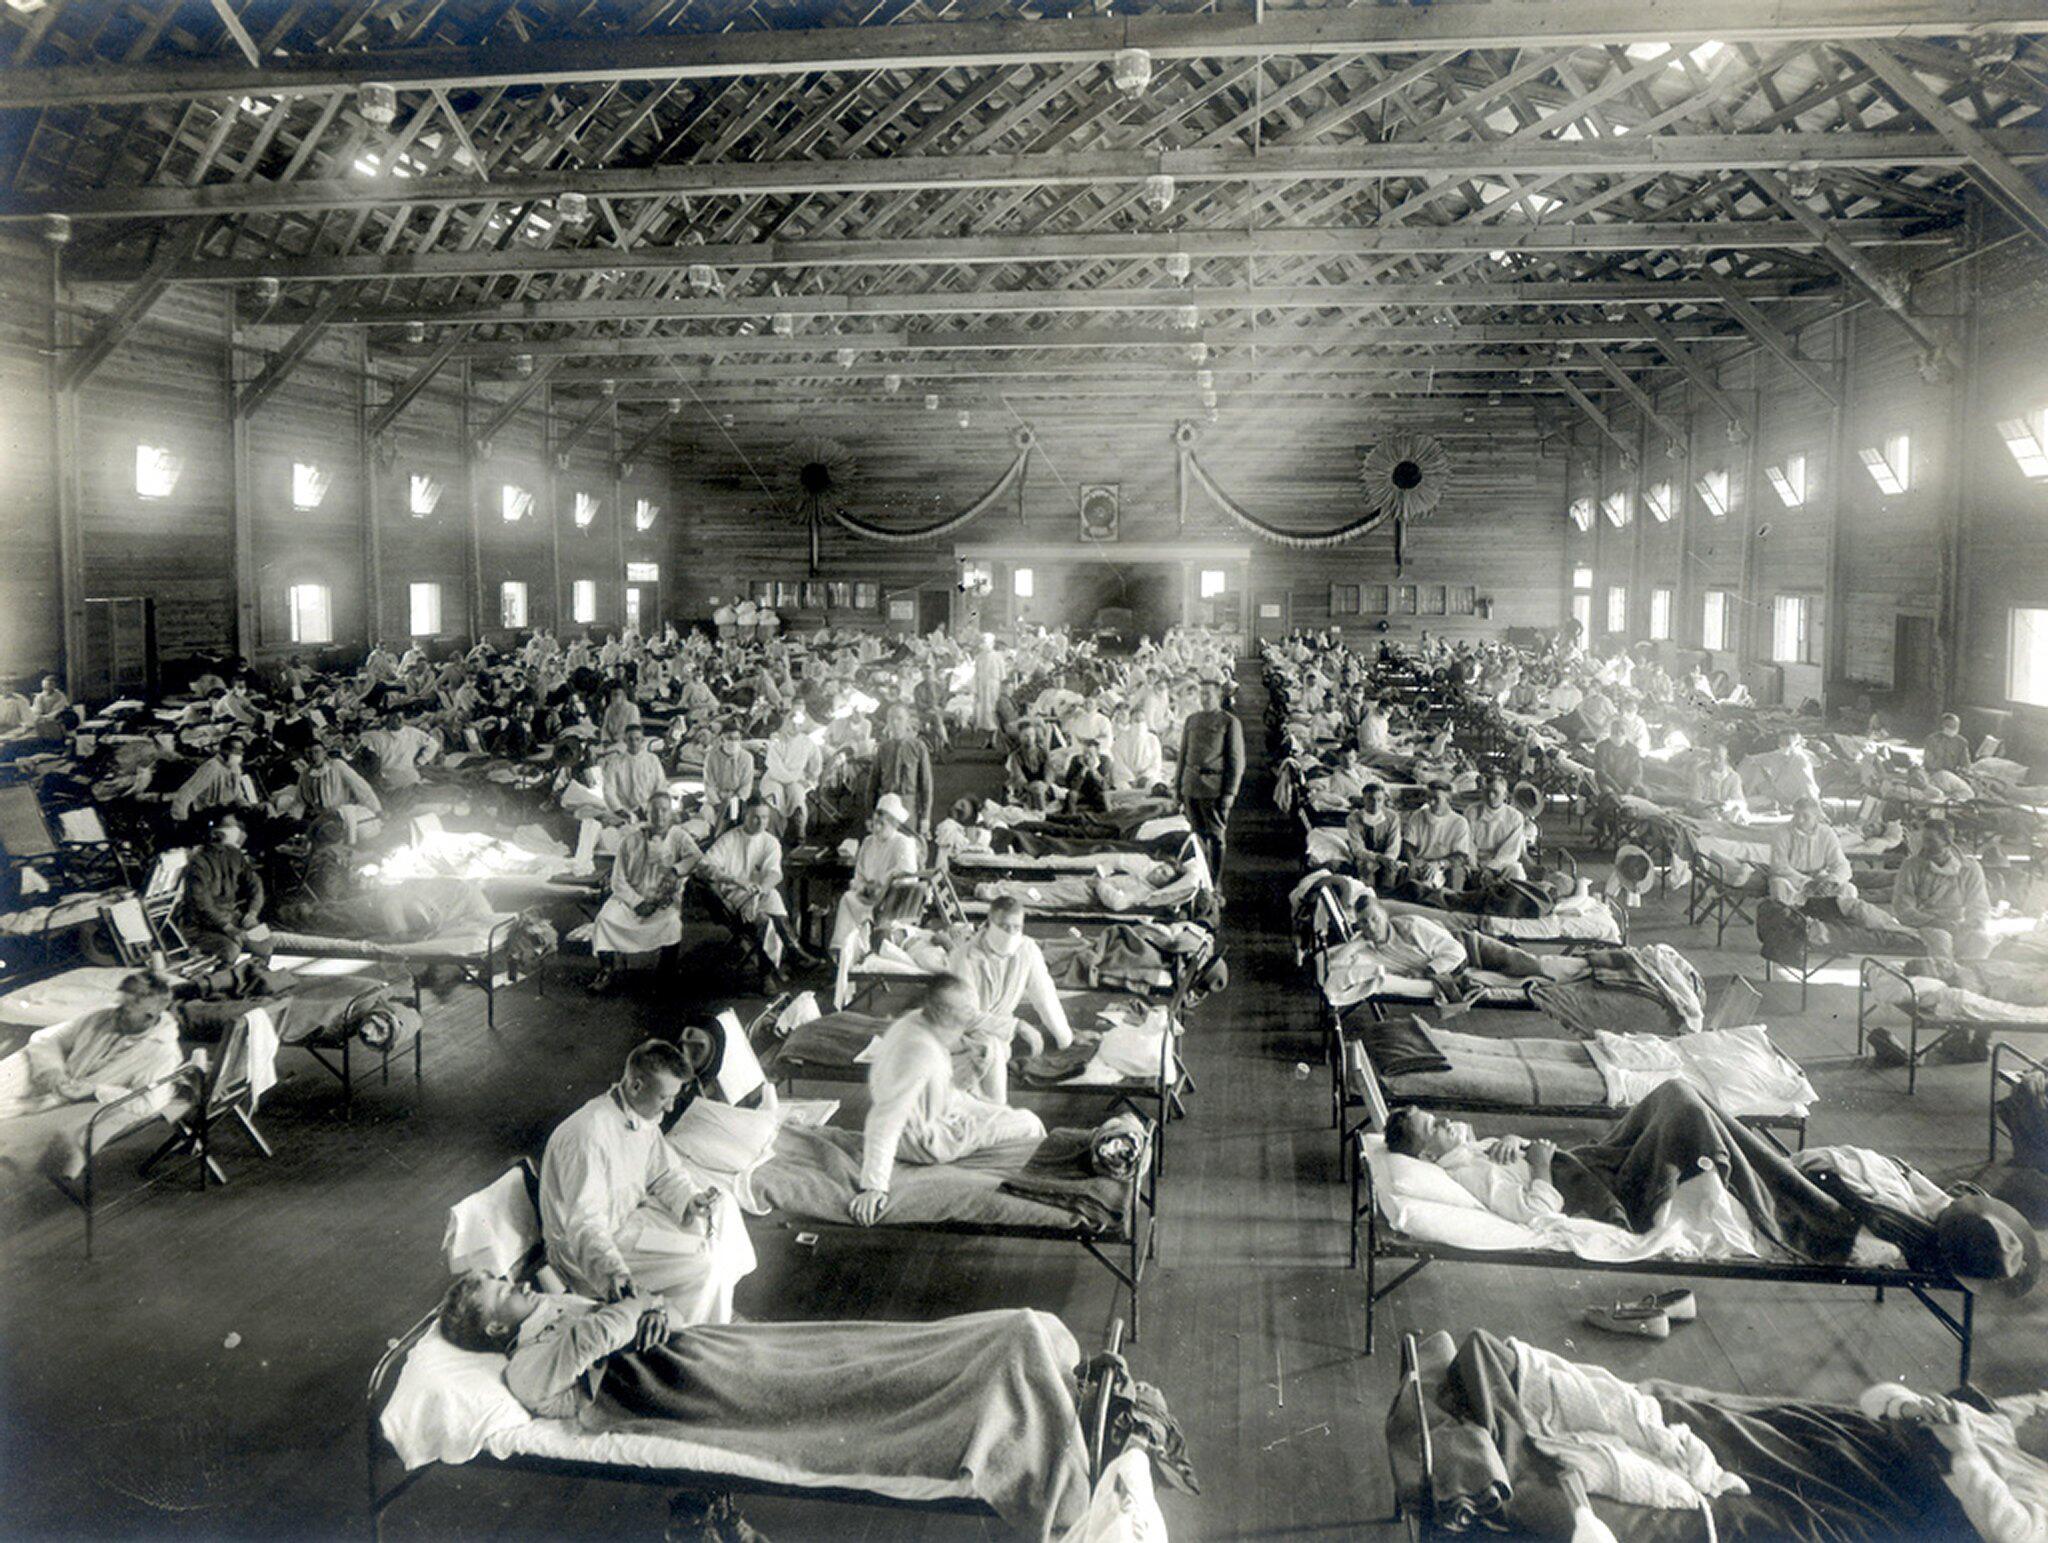 Bild zu Spanische Grippe